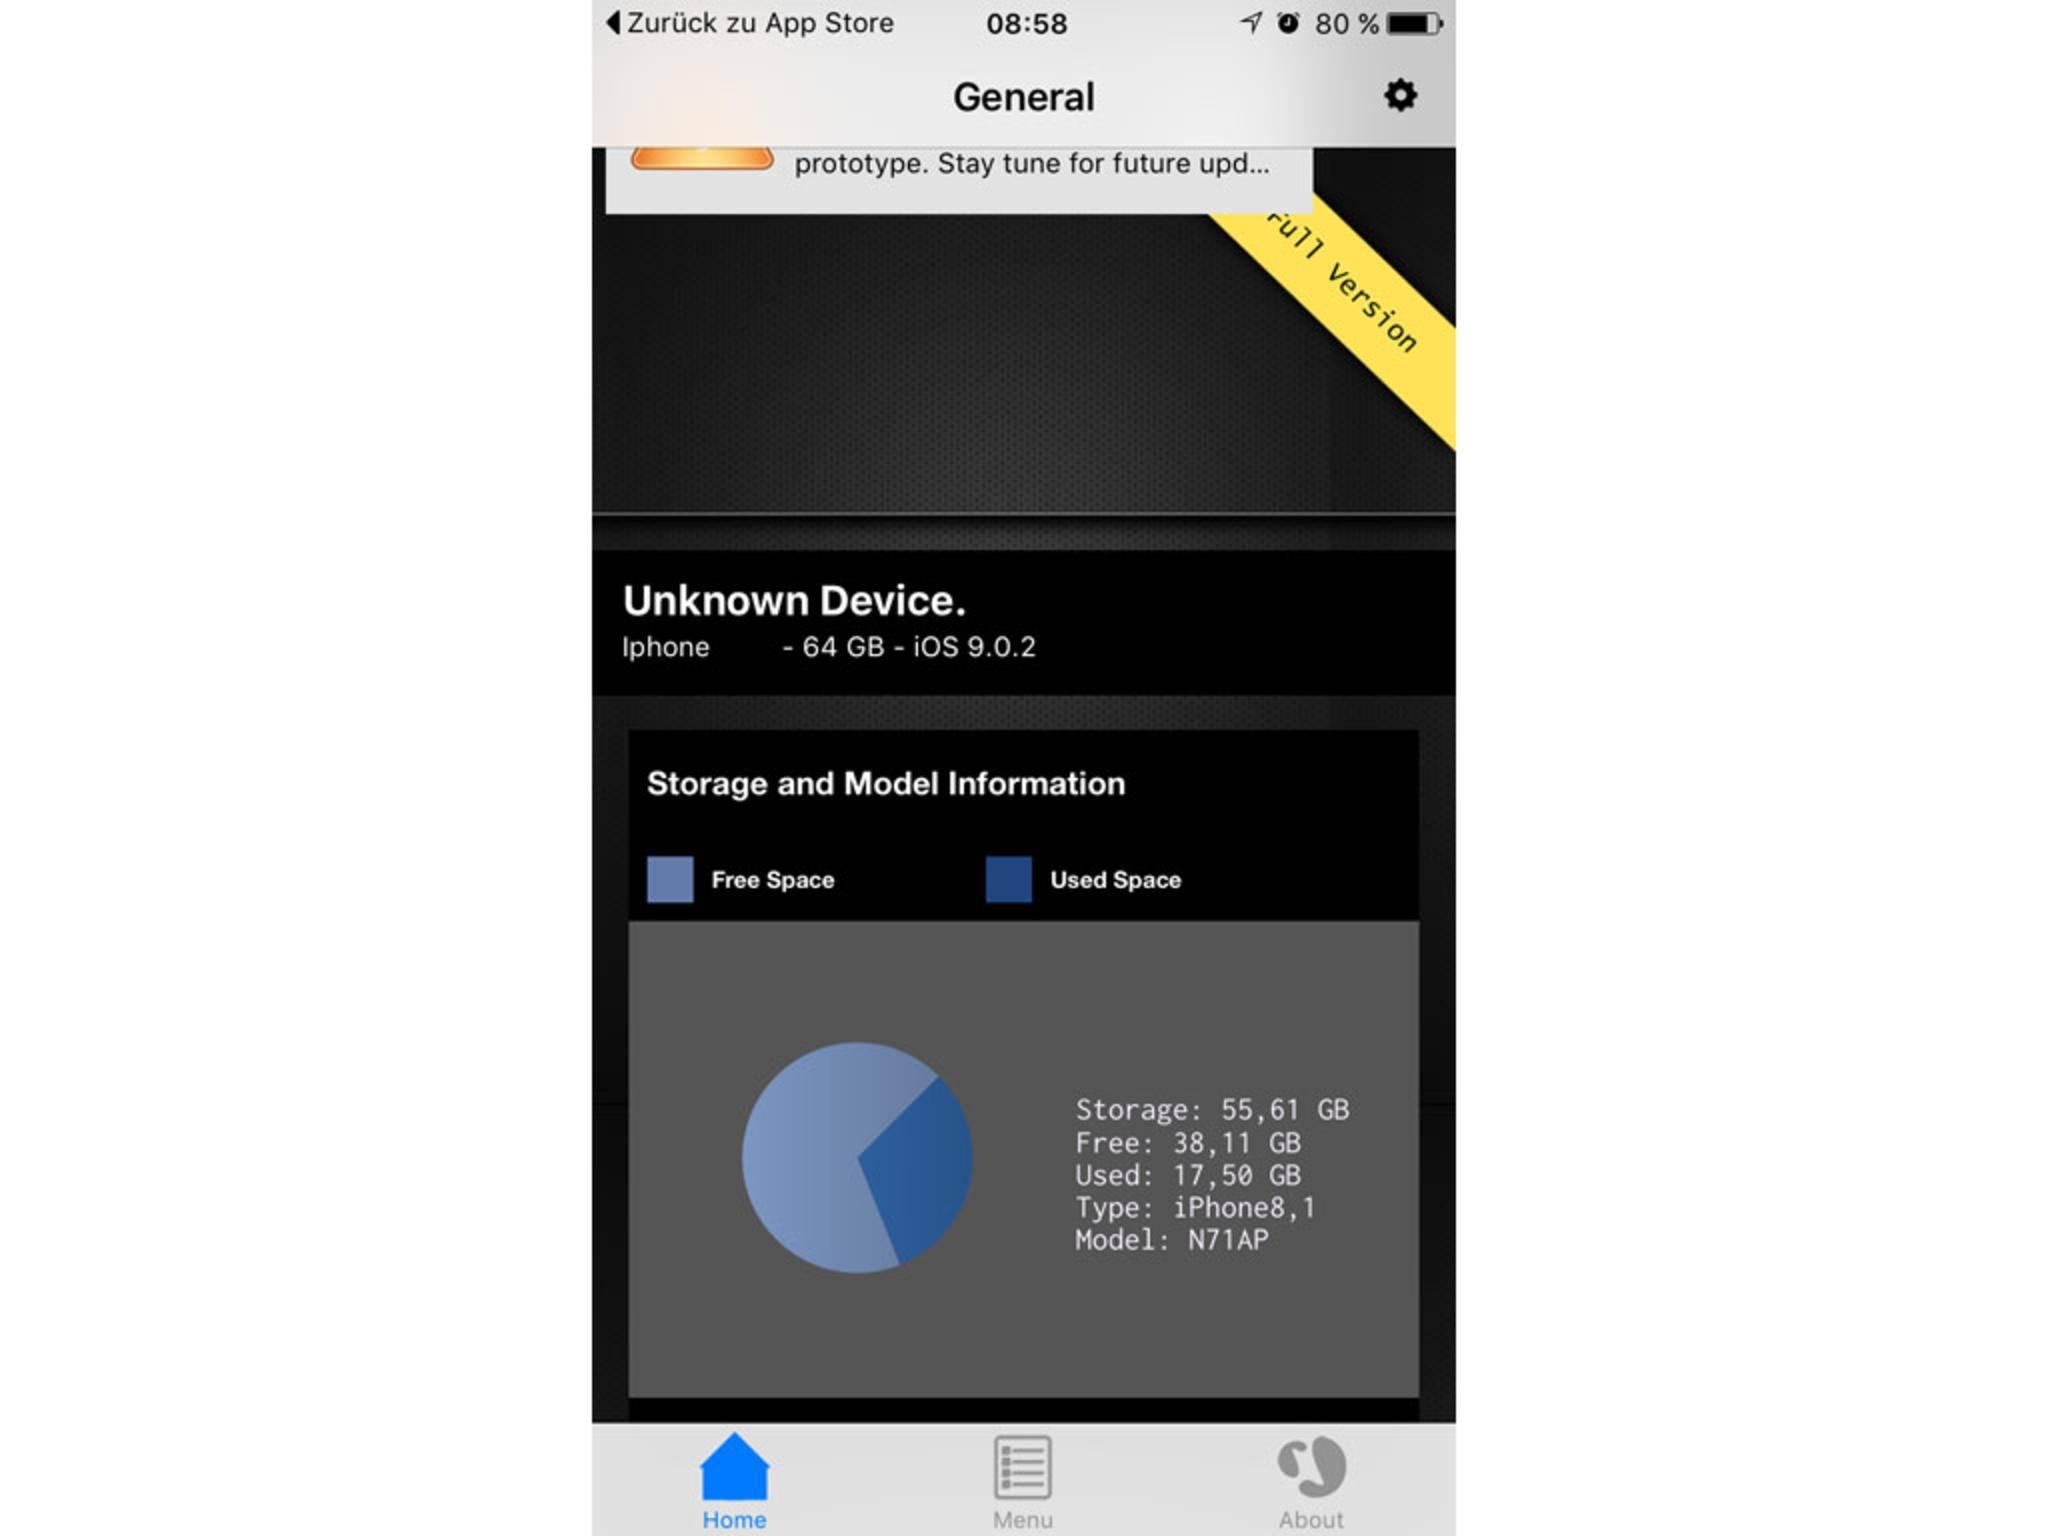 """Die Modellnummer """"N71AP"""" weist auf einen Samsung-Chip für das iPhone 6s hin."""